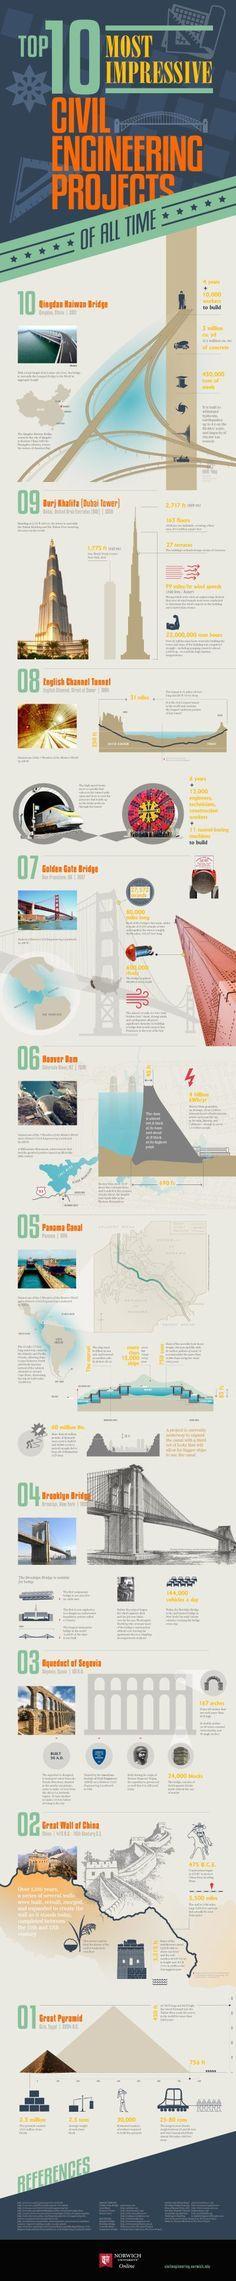 Estas son las 10 obras de ingeniería civil más impresionantes de todos los tiempos. #ingenieriacivil #civilengineering